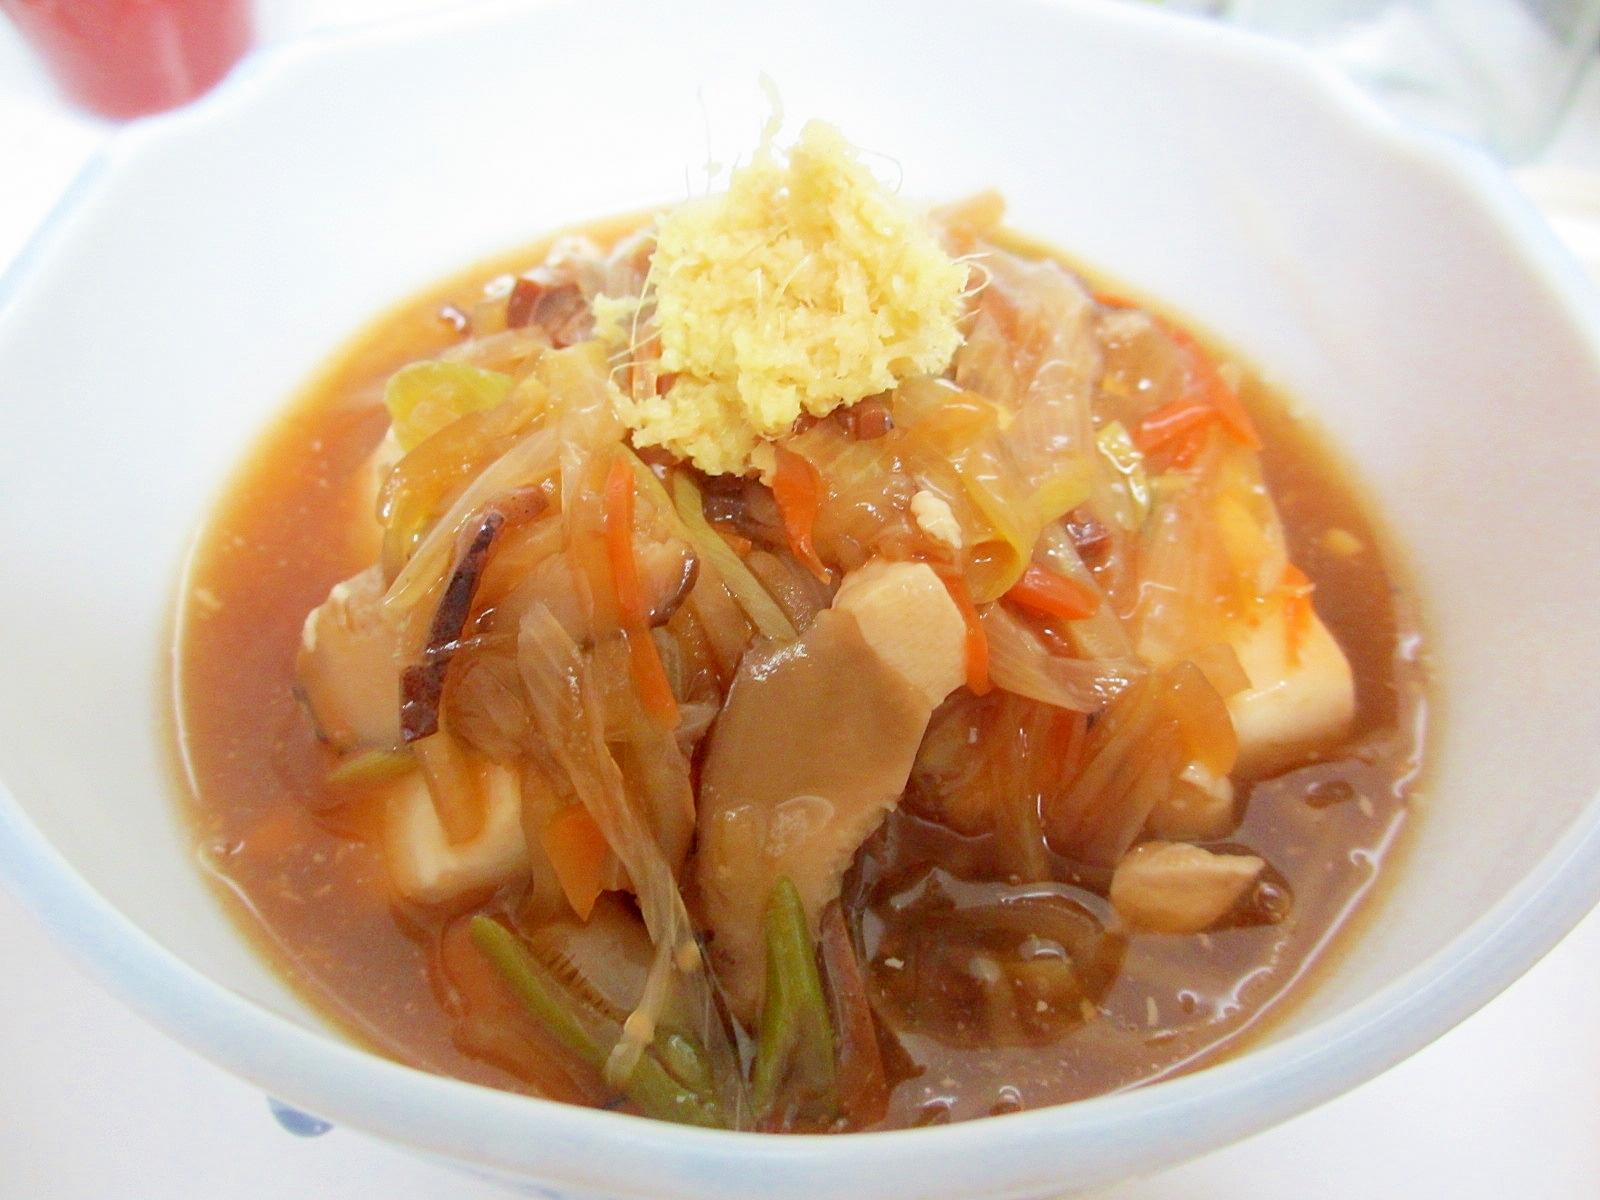 スルメ醤油で豆腐の野菜あんかけ